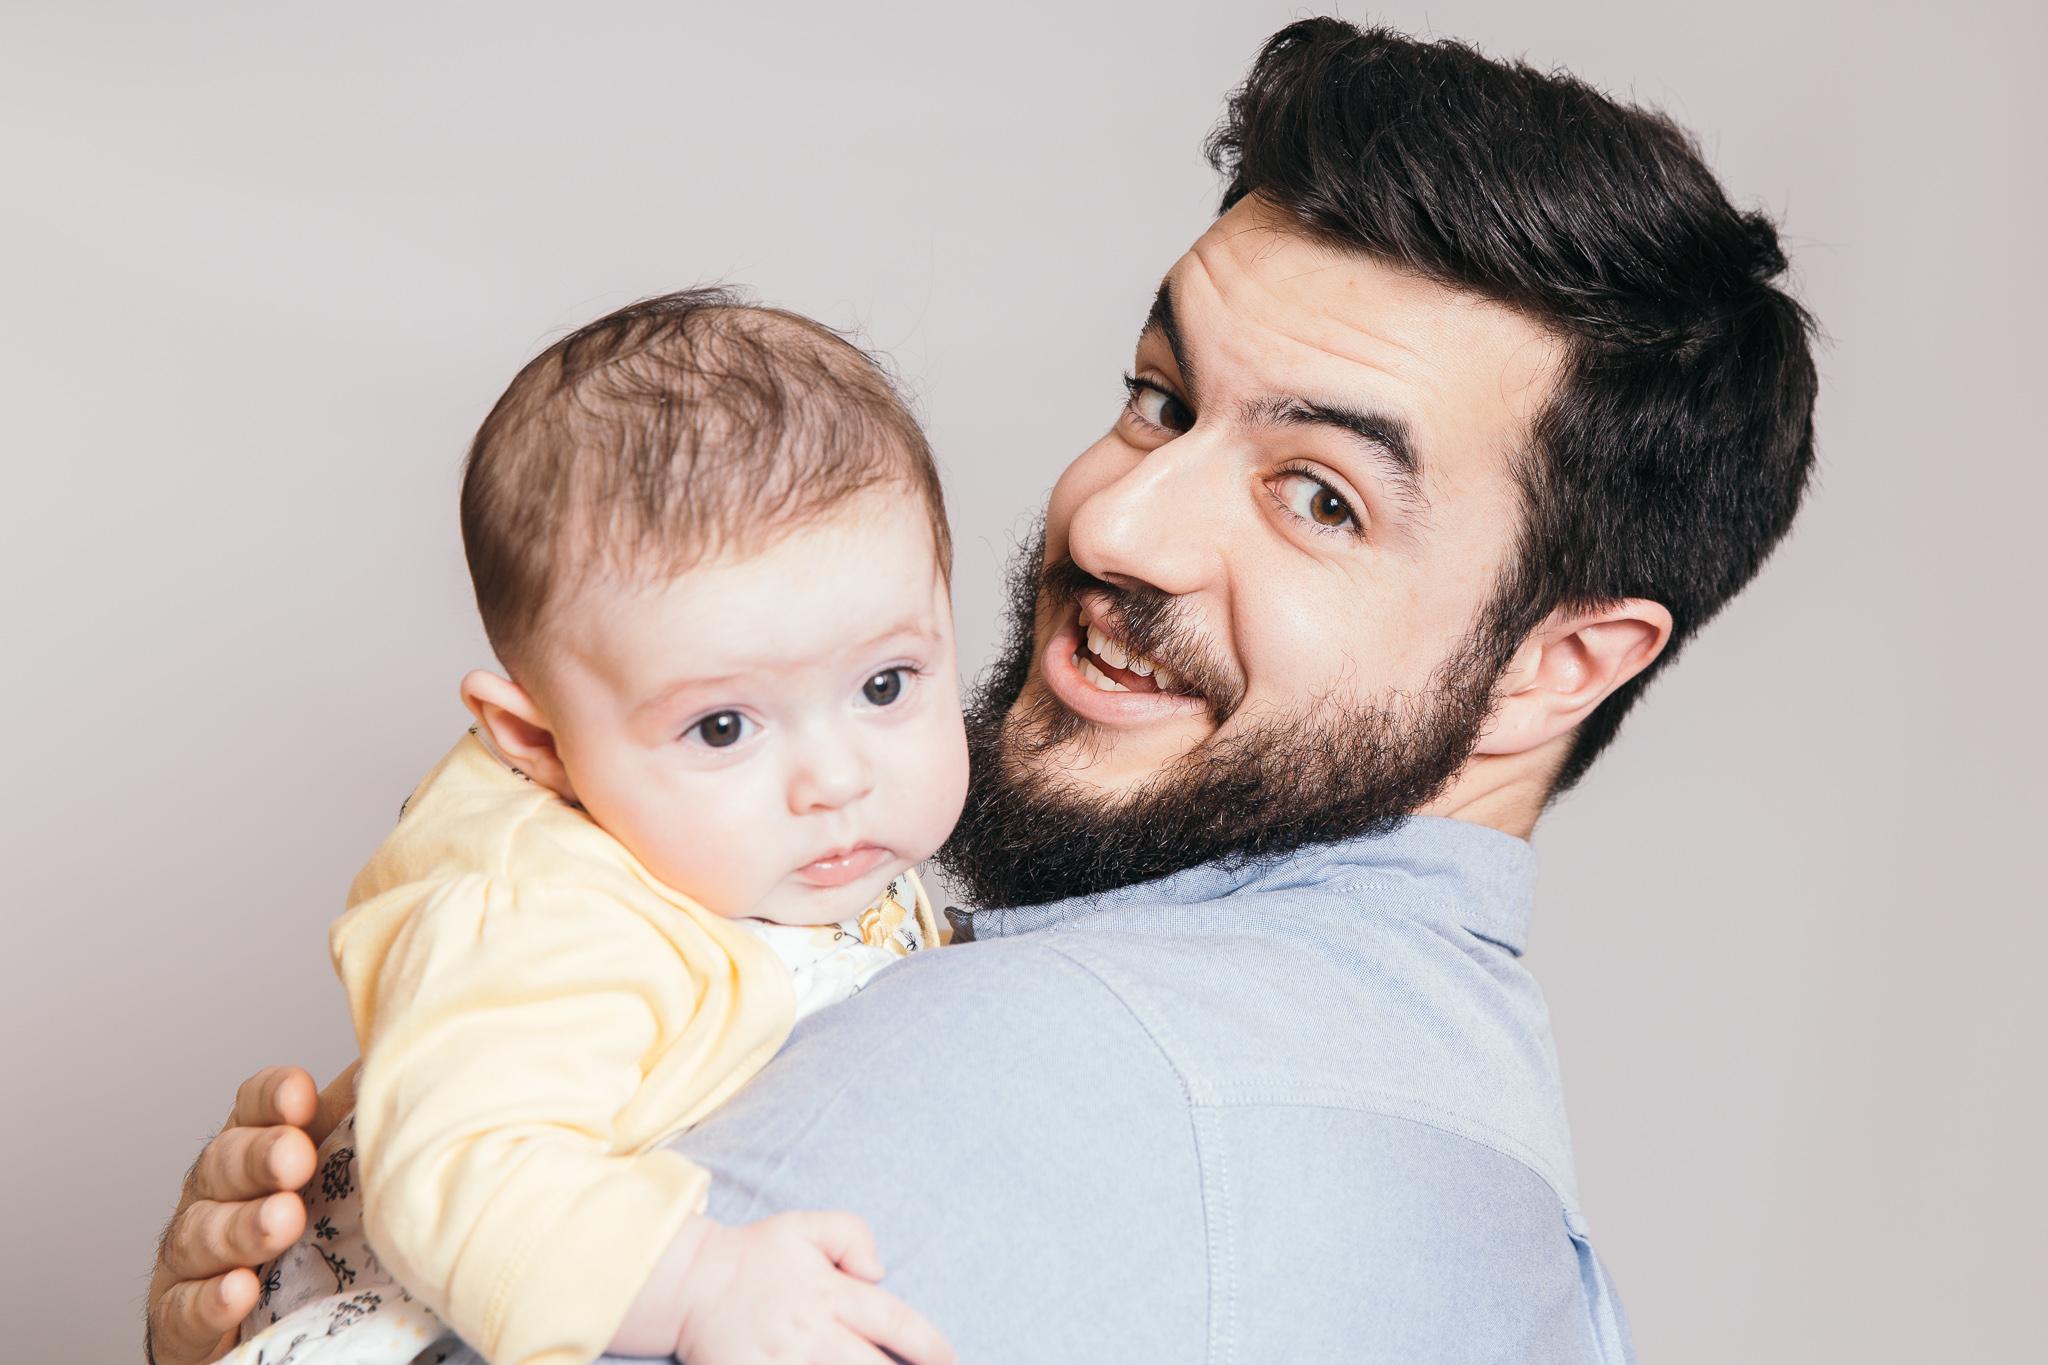 Family photographer harrogate